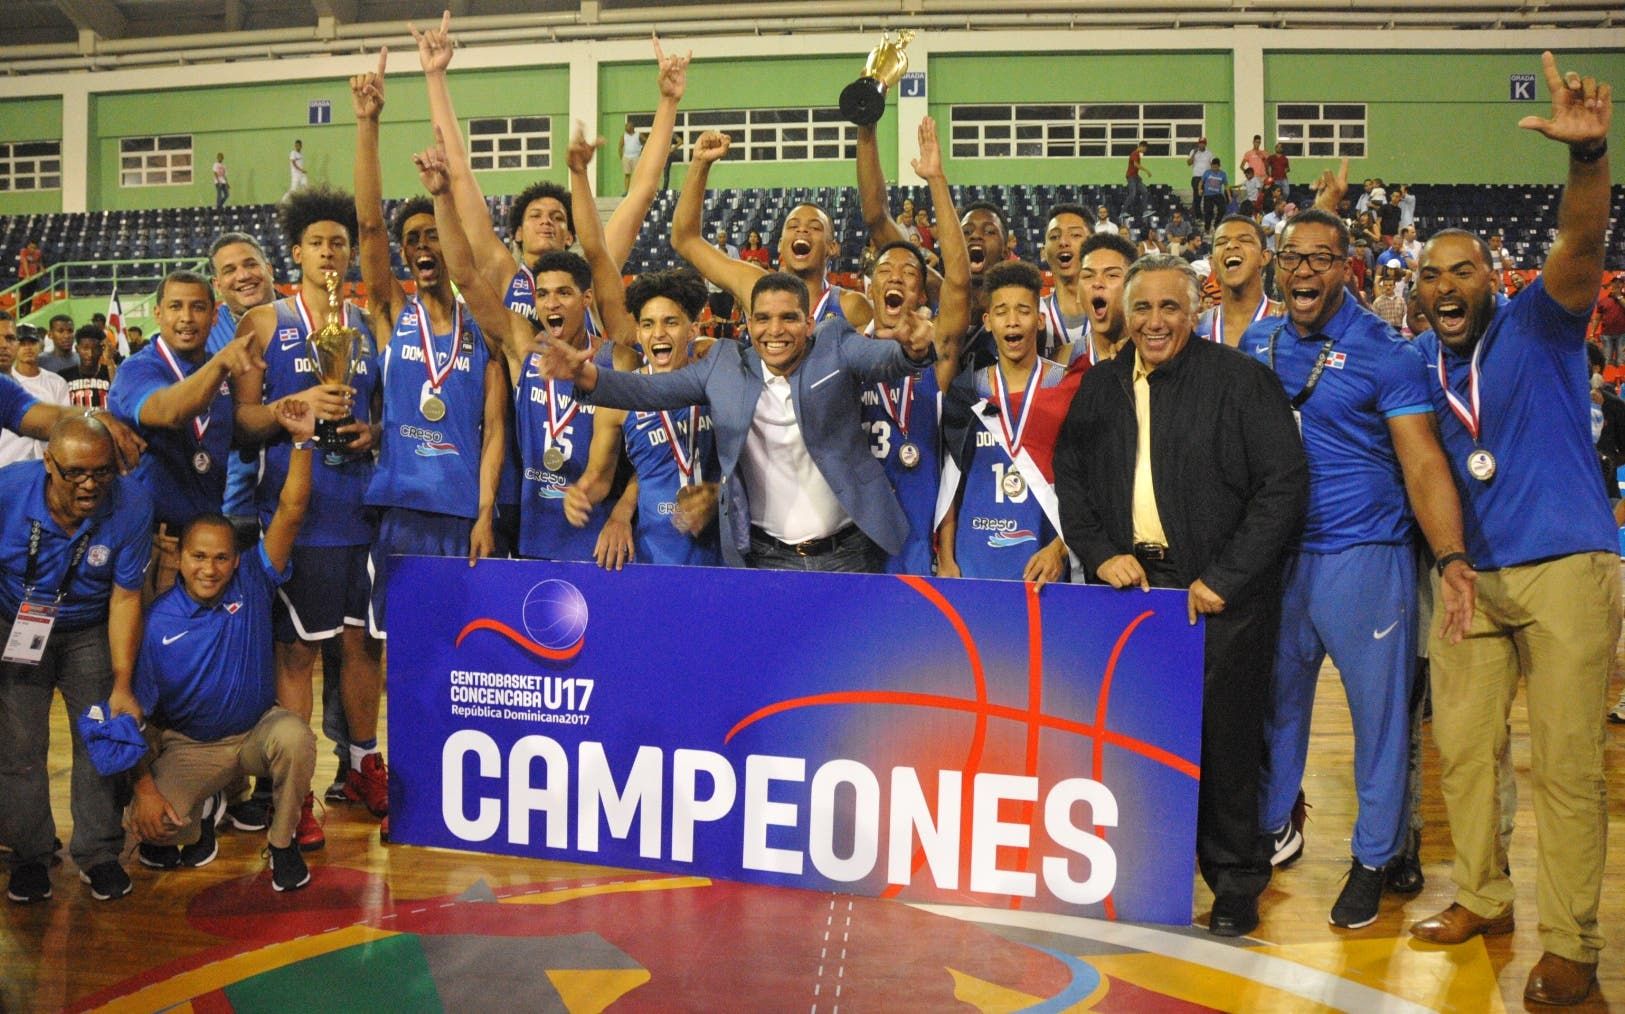 El equipo de República Dominicana recibe el trofeo de campeón de Centrobasket, luego de la victoria frente a Puerto Rico.